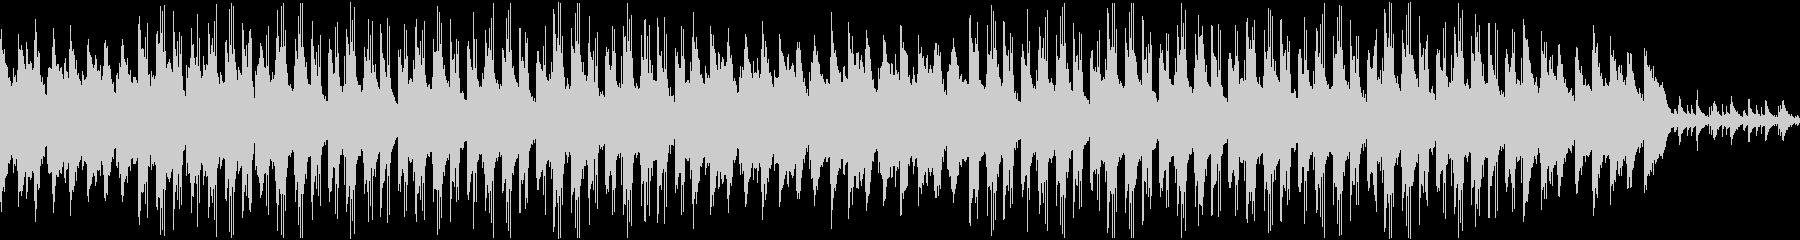 ローファイ・トークを邪魔しない・ループの未再生の波形